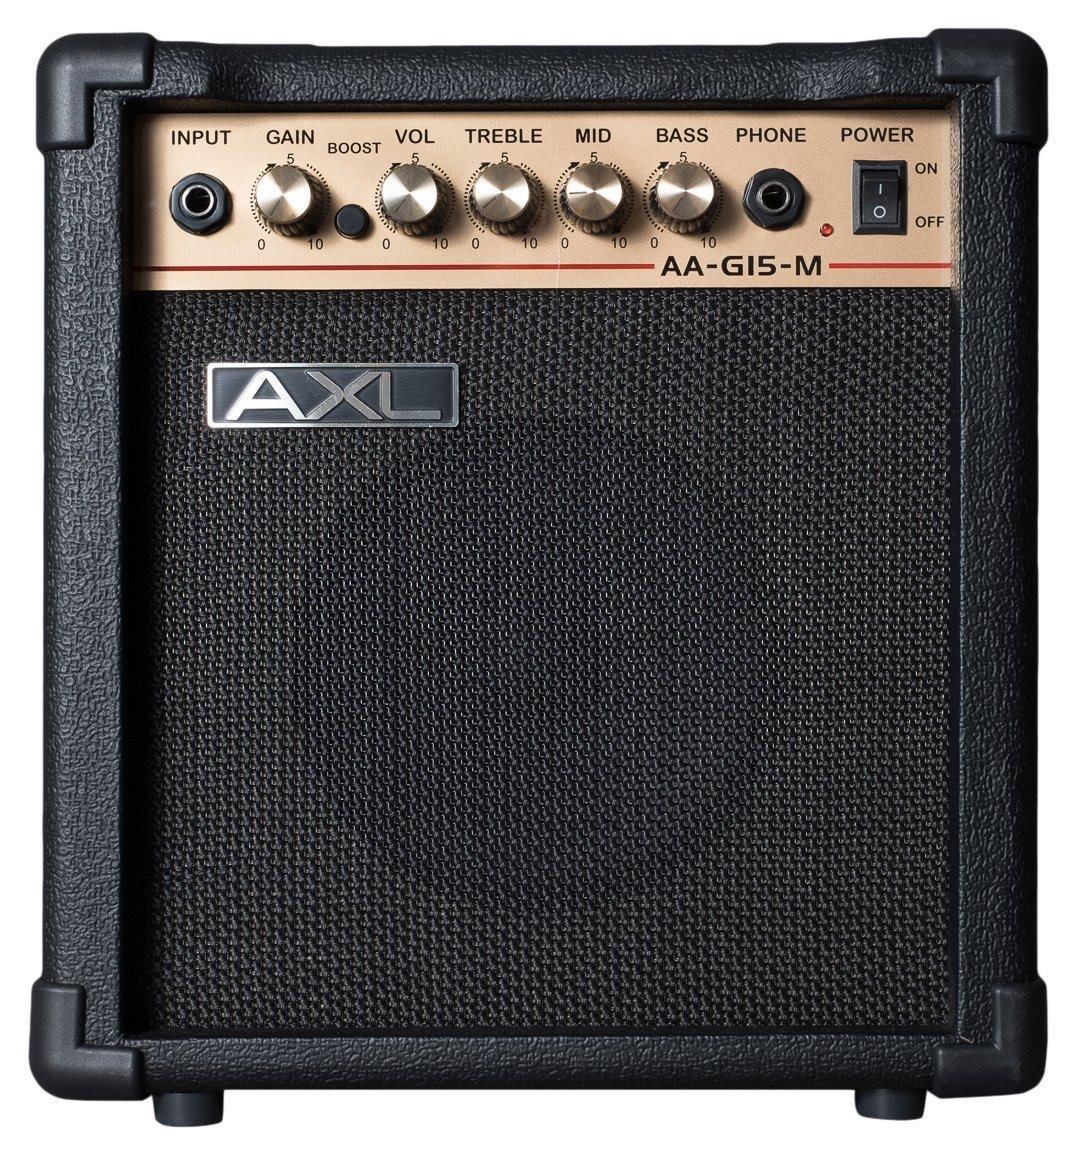 AXL AA-G15-M Guitar Amplifier, 15W